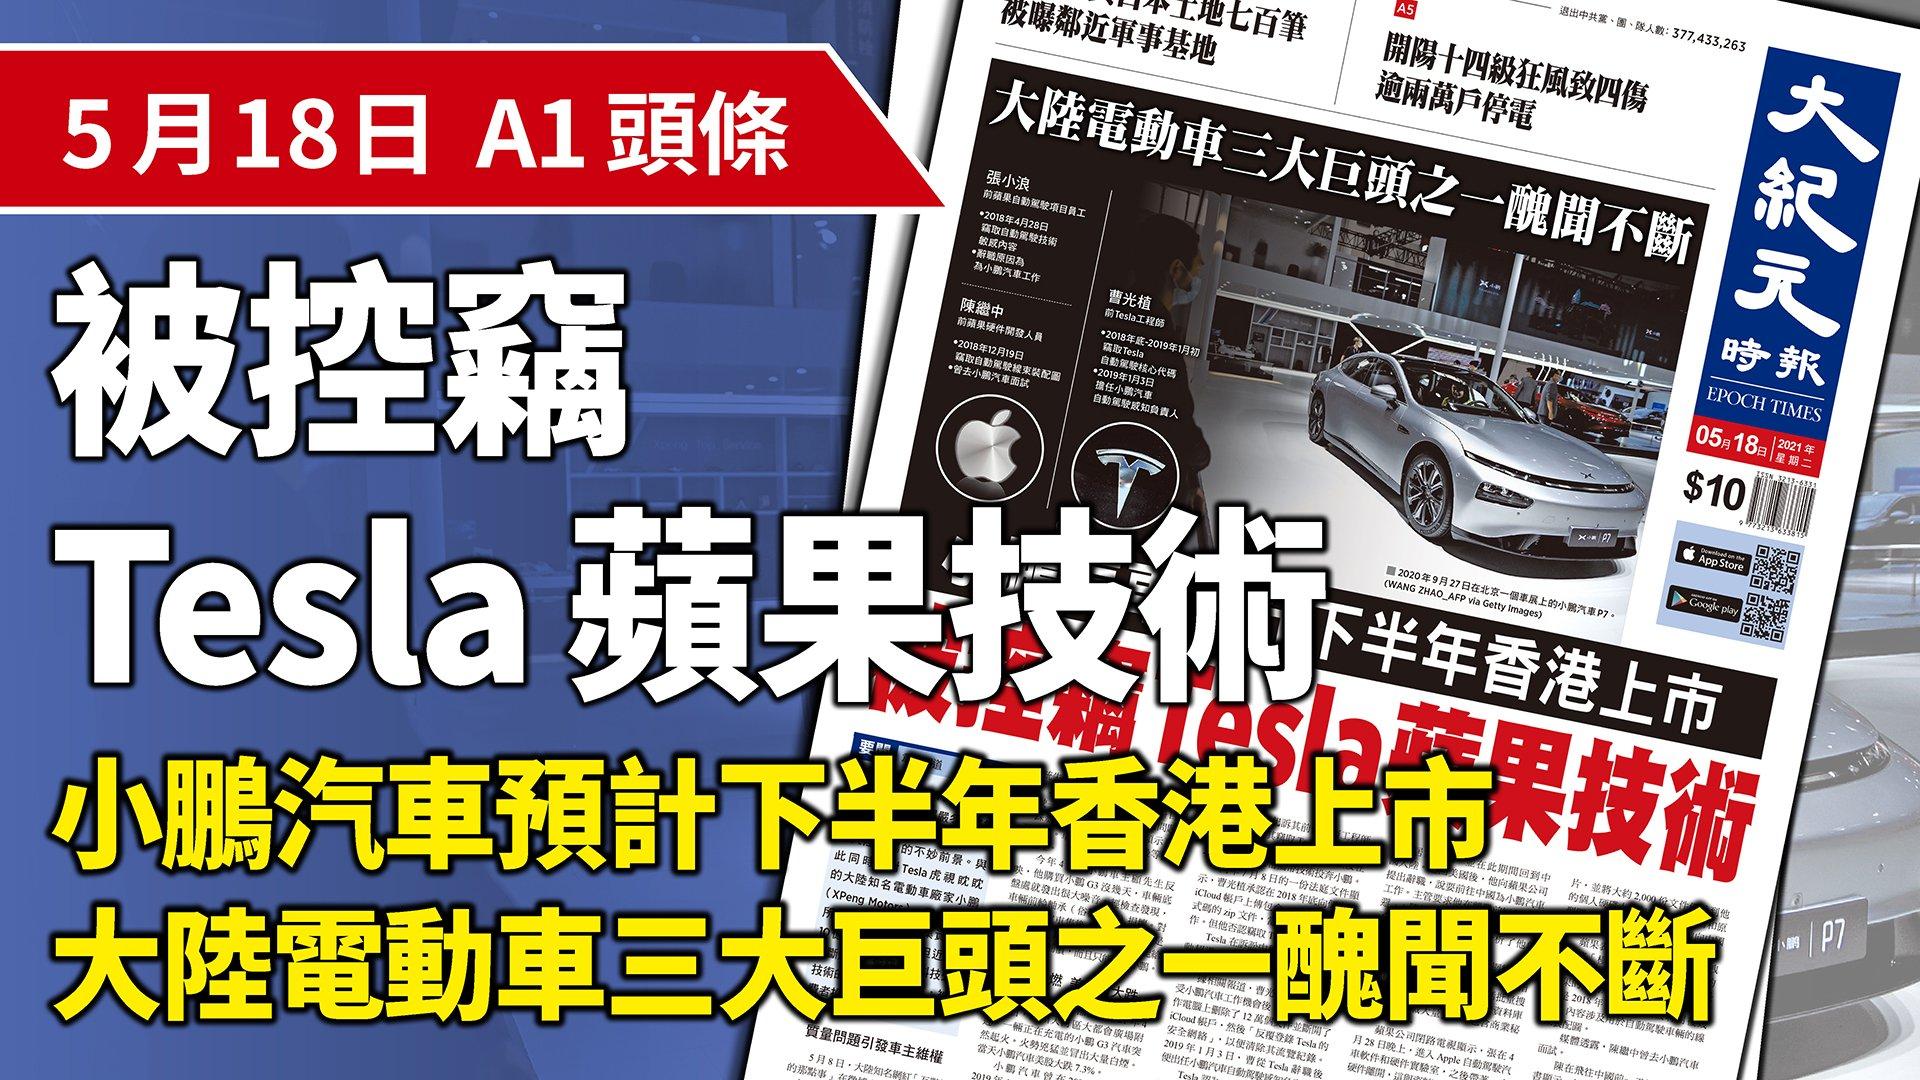 2020年9月27日在北京一個車展上的小鵬汽車P7。 (WANG ZHAO_AFP via Getty Images)